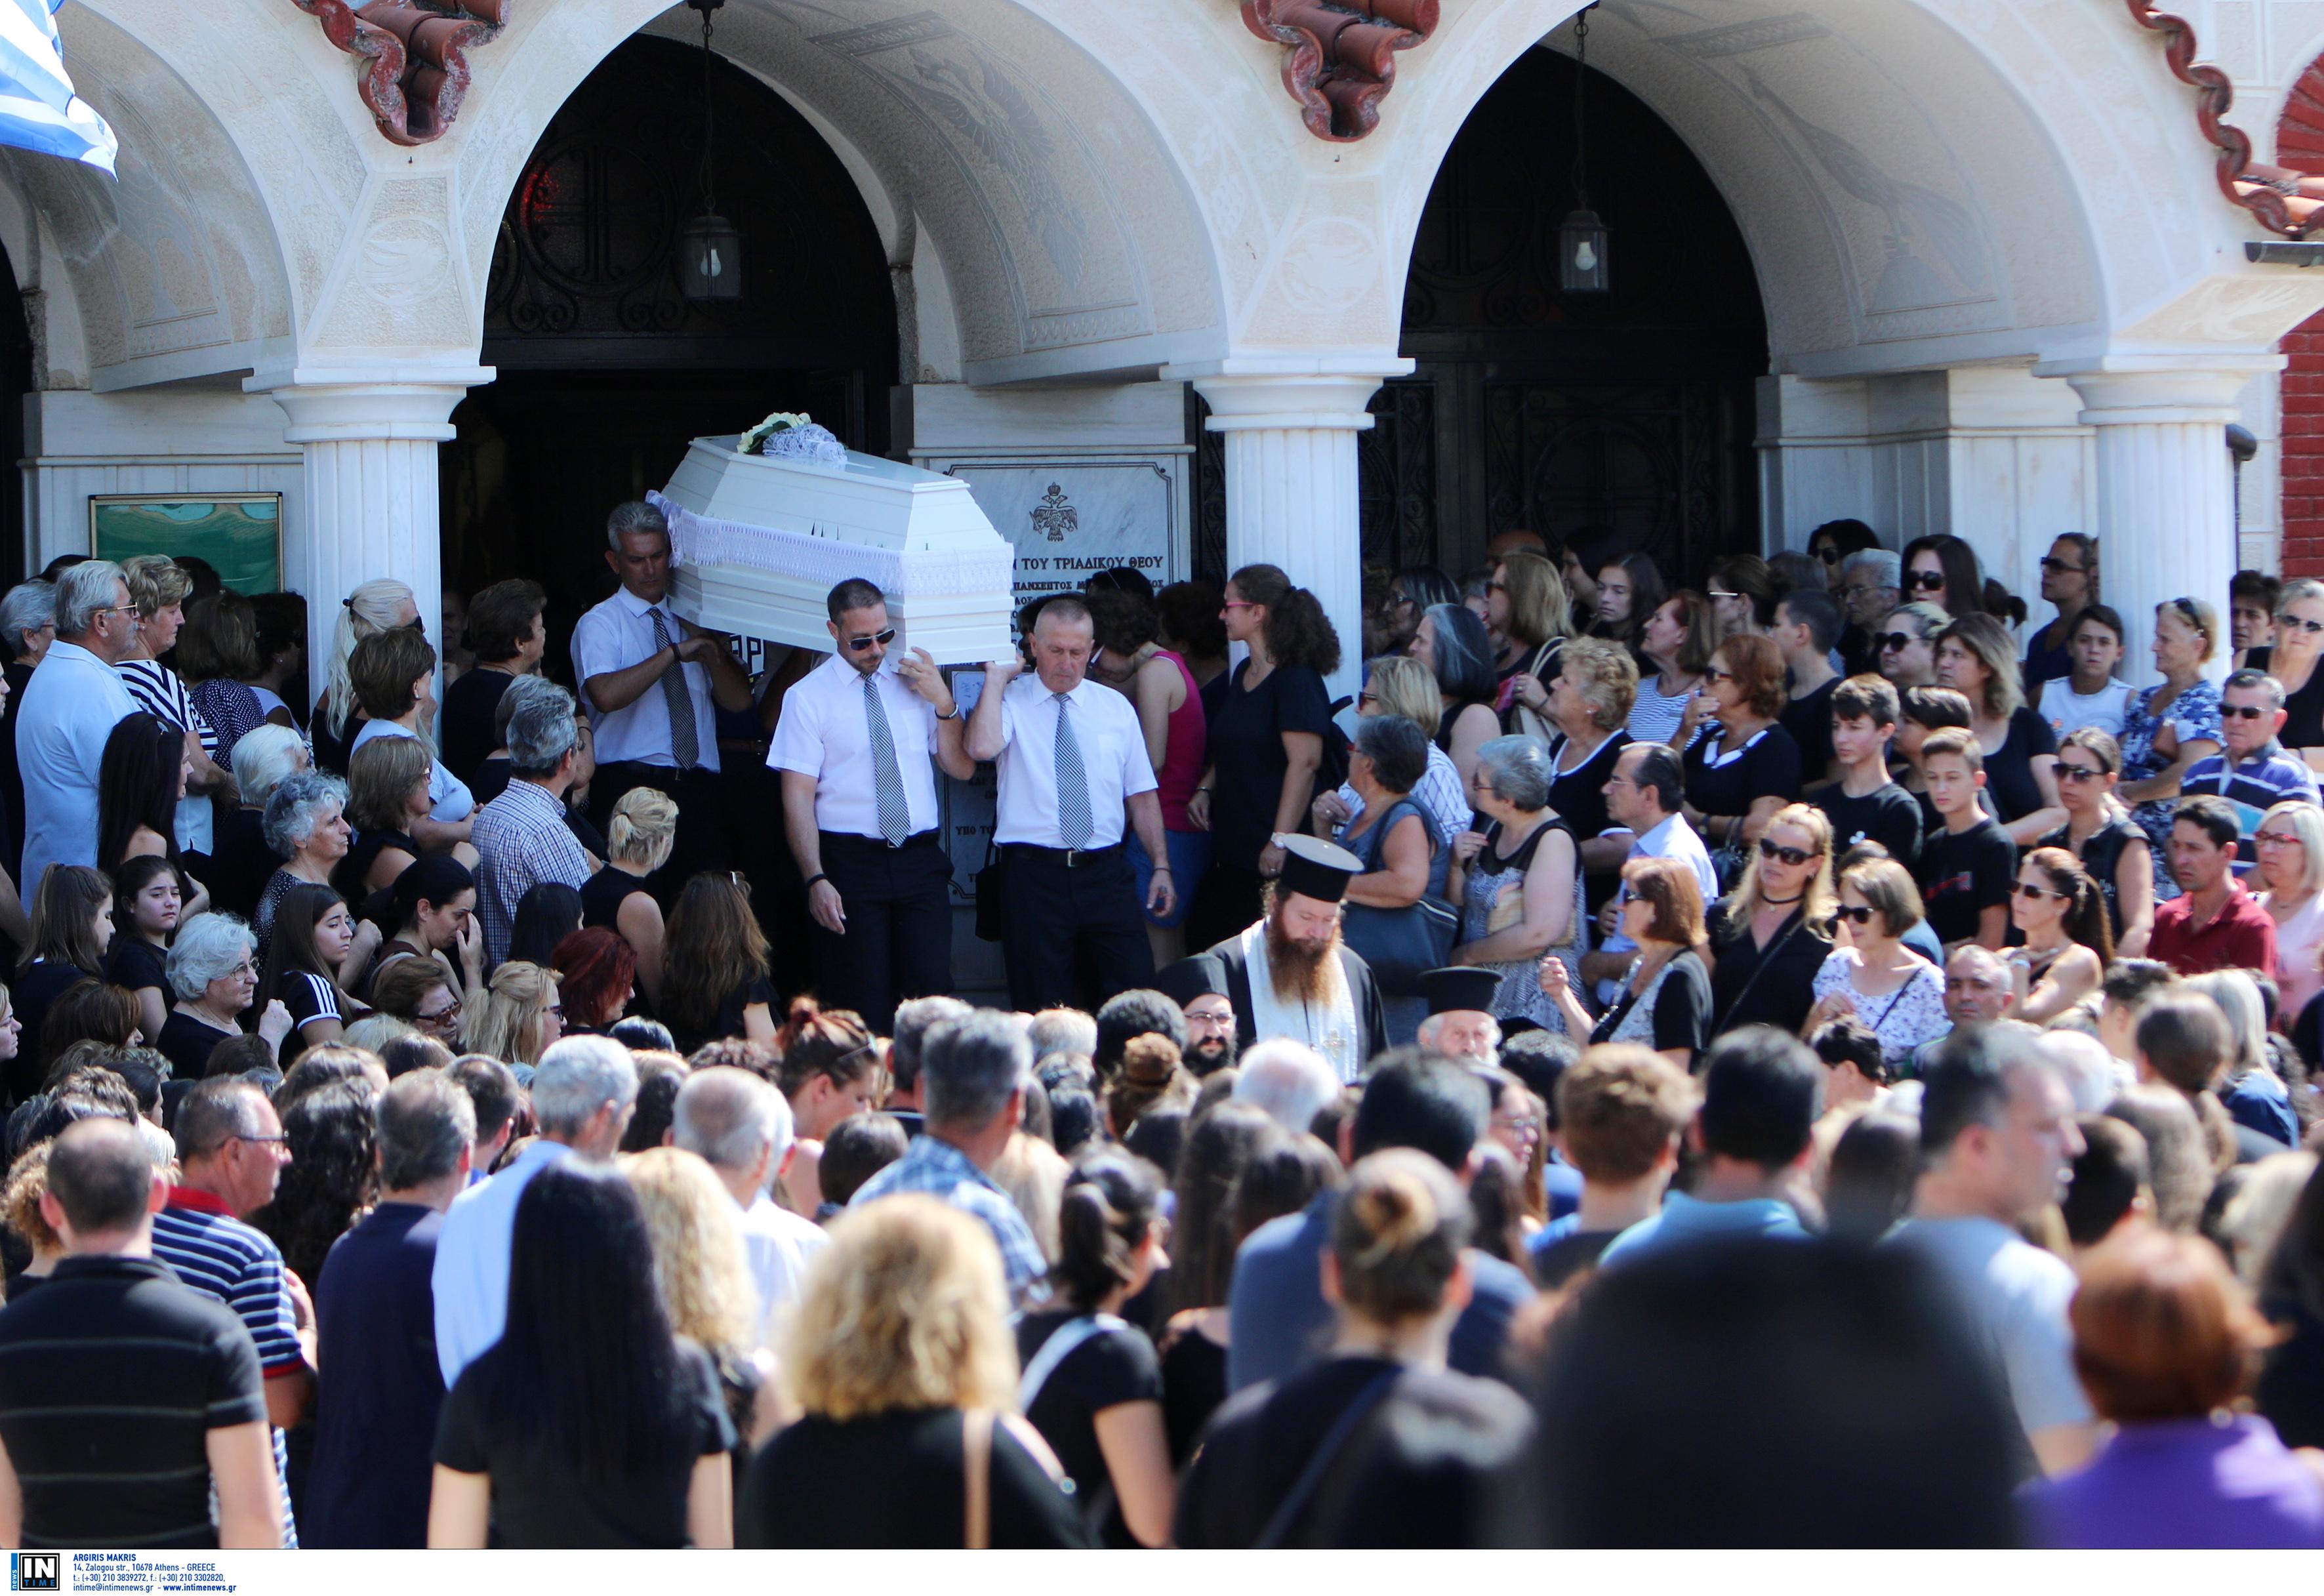 Λούνα Παρκ – Βόλος: Ράγισαν καρδιές στην κηδεία της 14χρονης - Απών ο πατέρας της [pics]